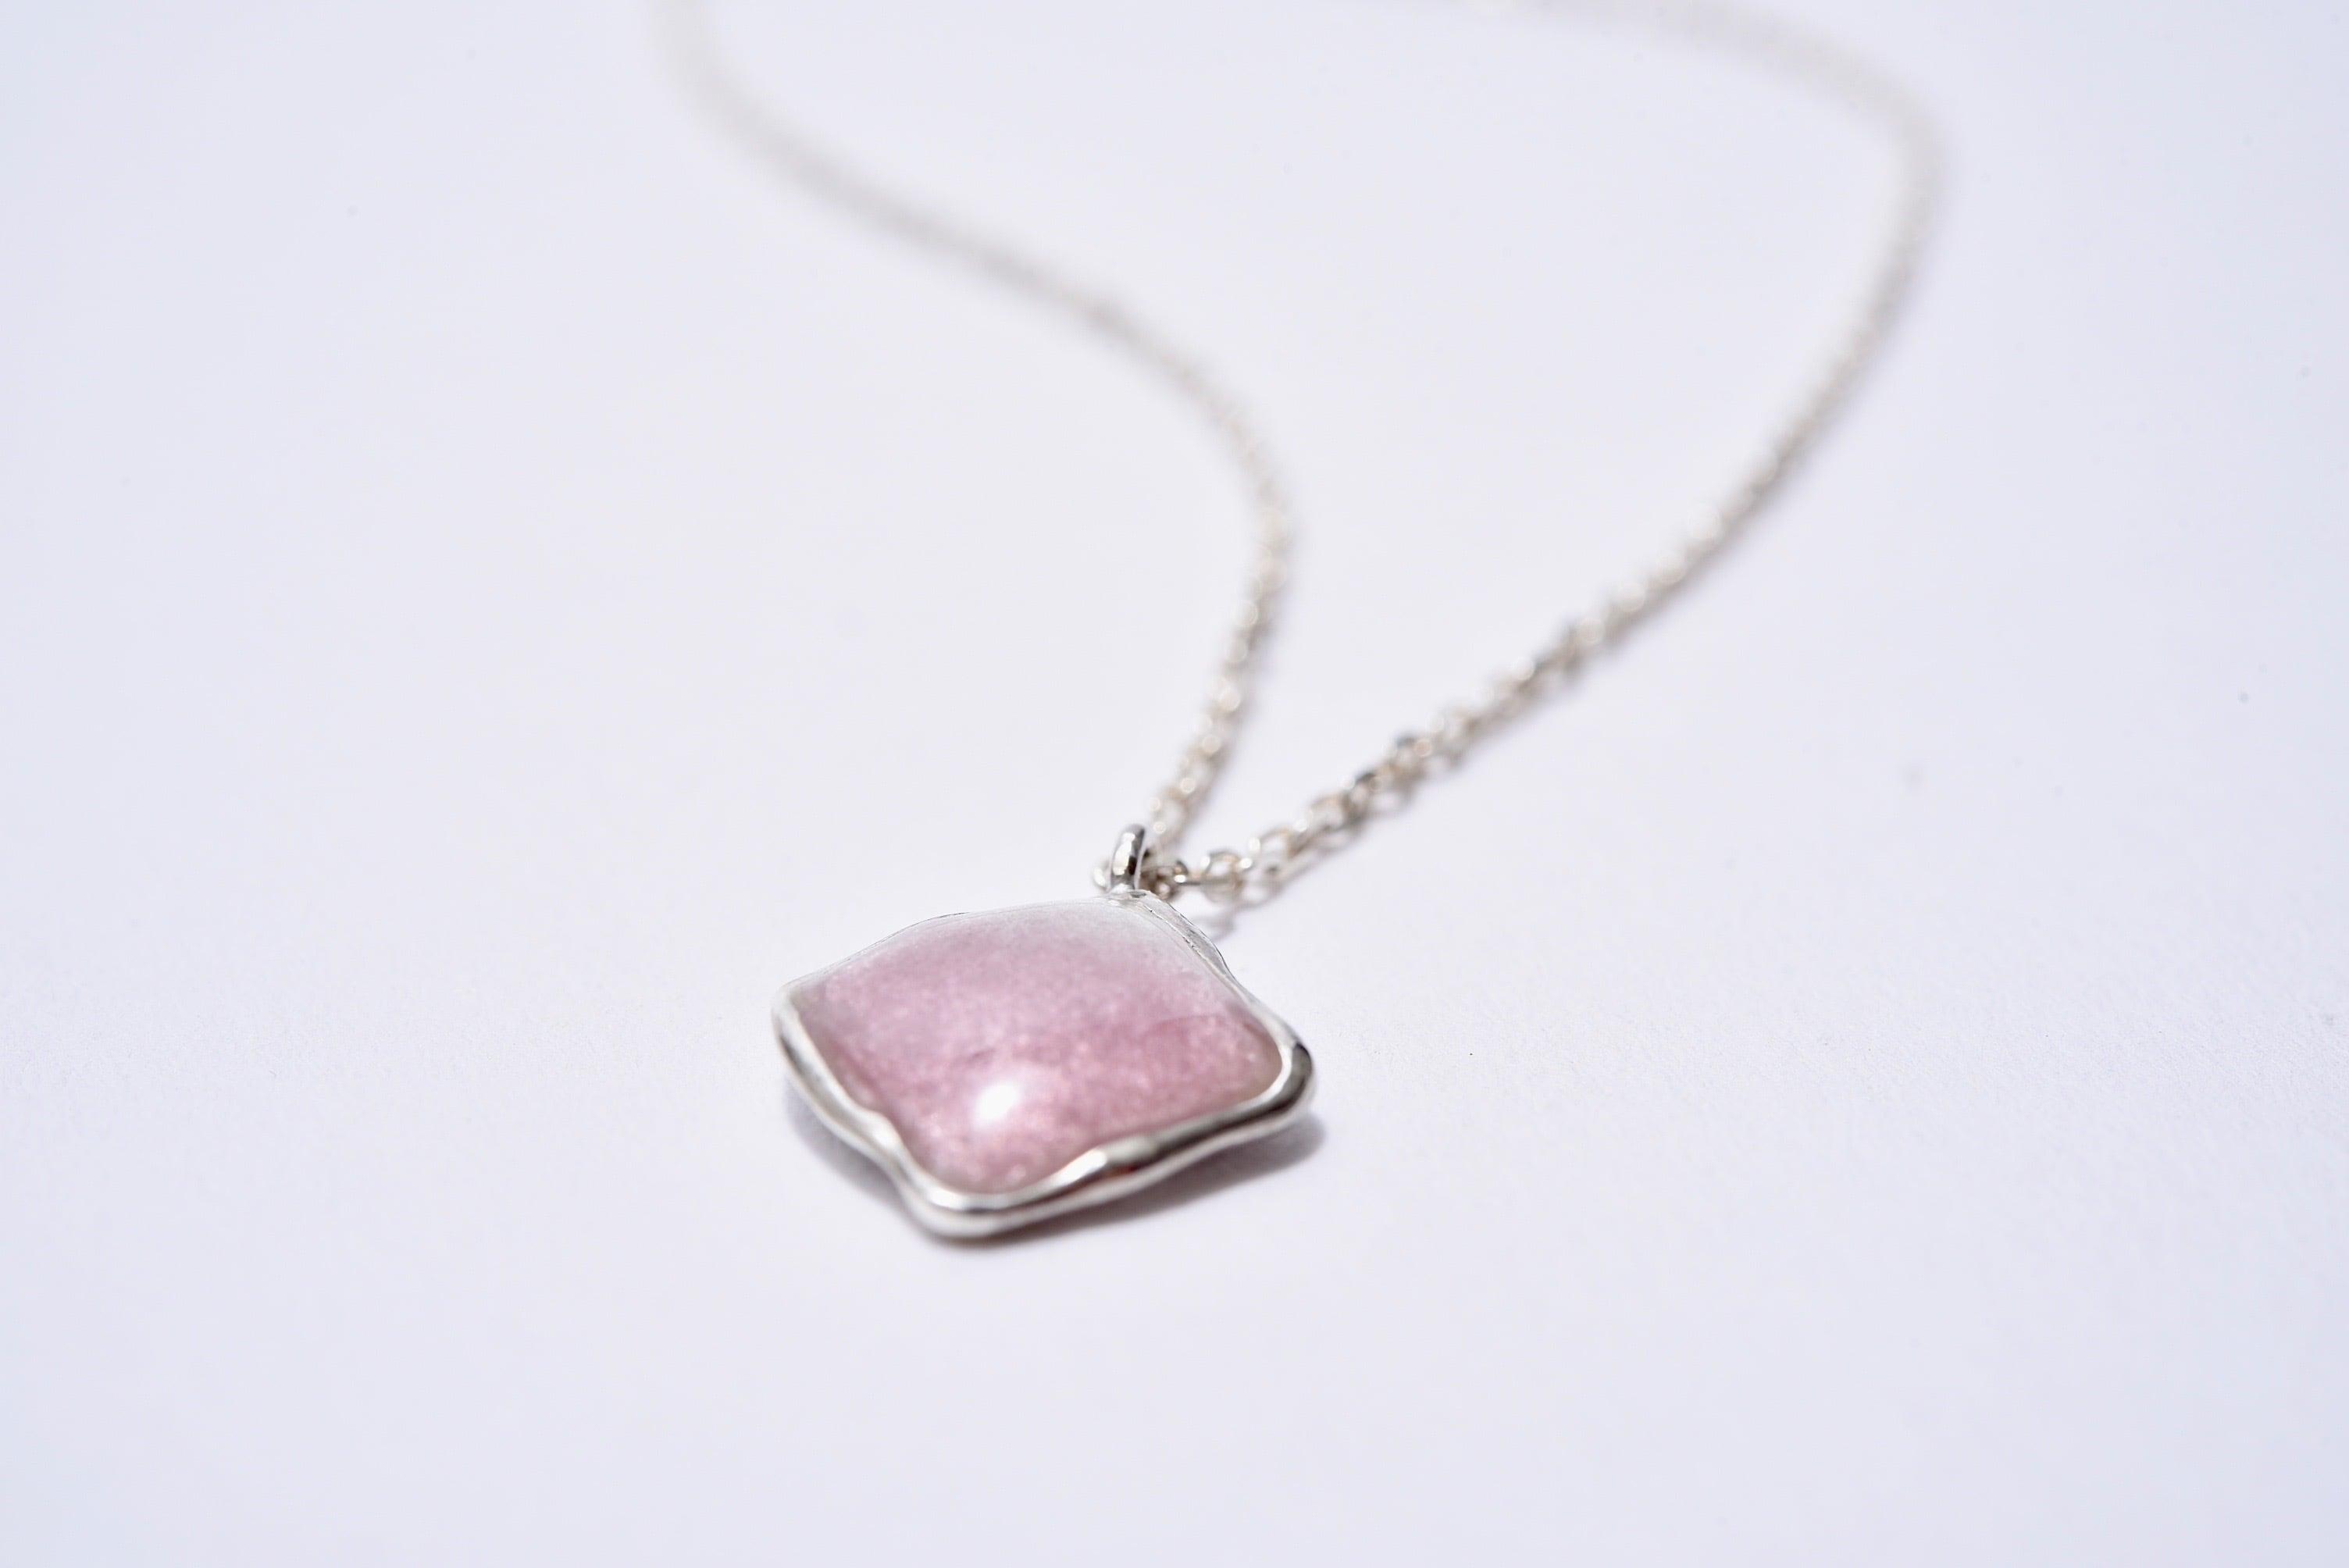 七宝ネックレス - ニュアンスカラー  薄ピンク